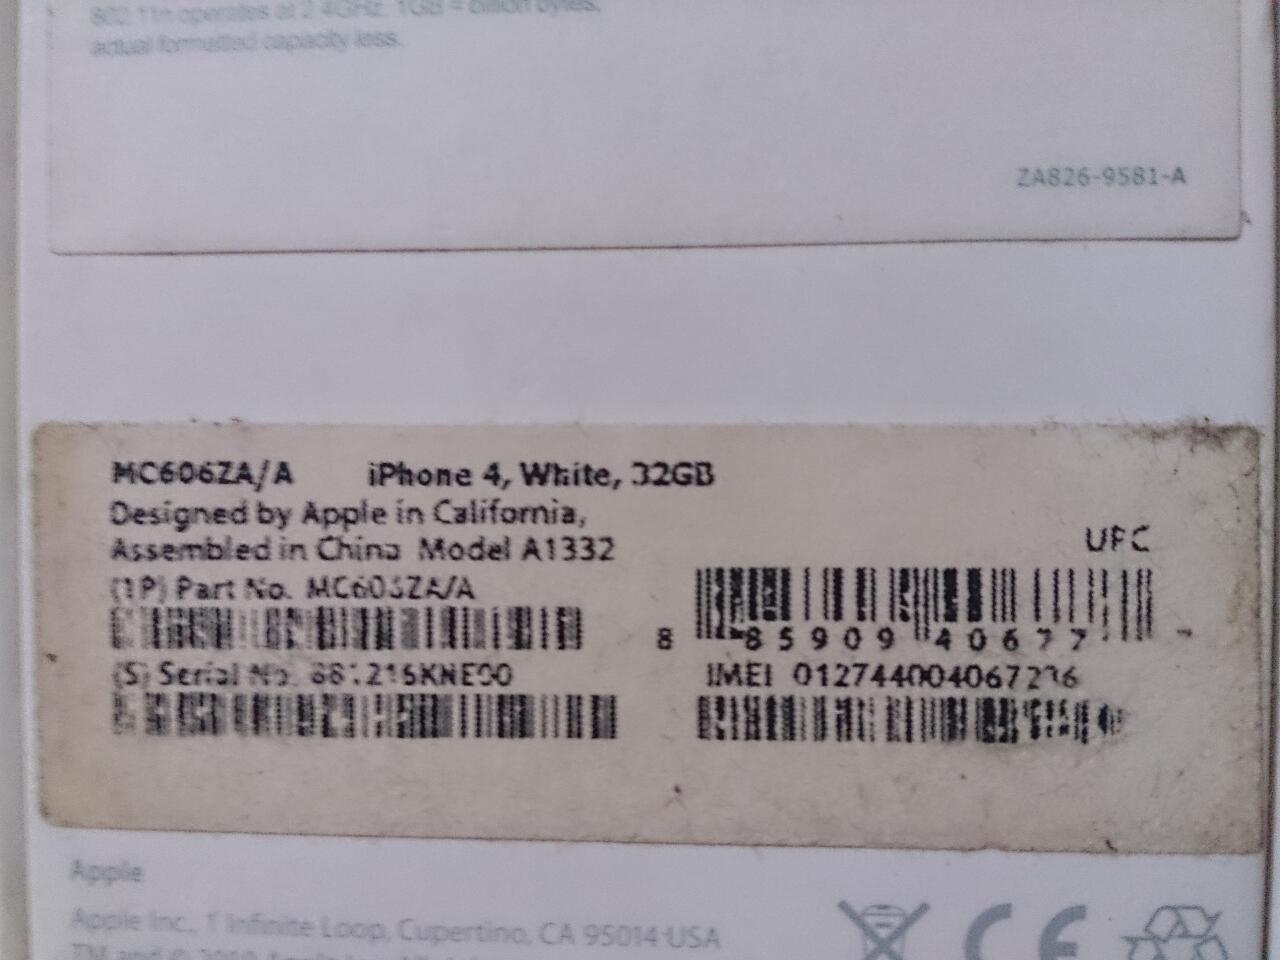 jual cepat iphone 4 GSM || 32gb || white|| murah || fullset || FU || BONUS MEWAH